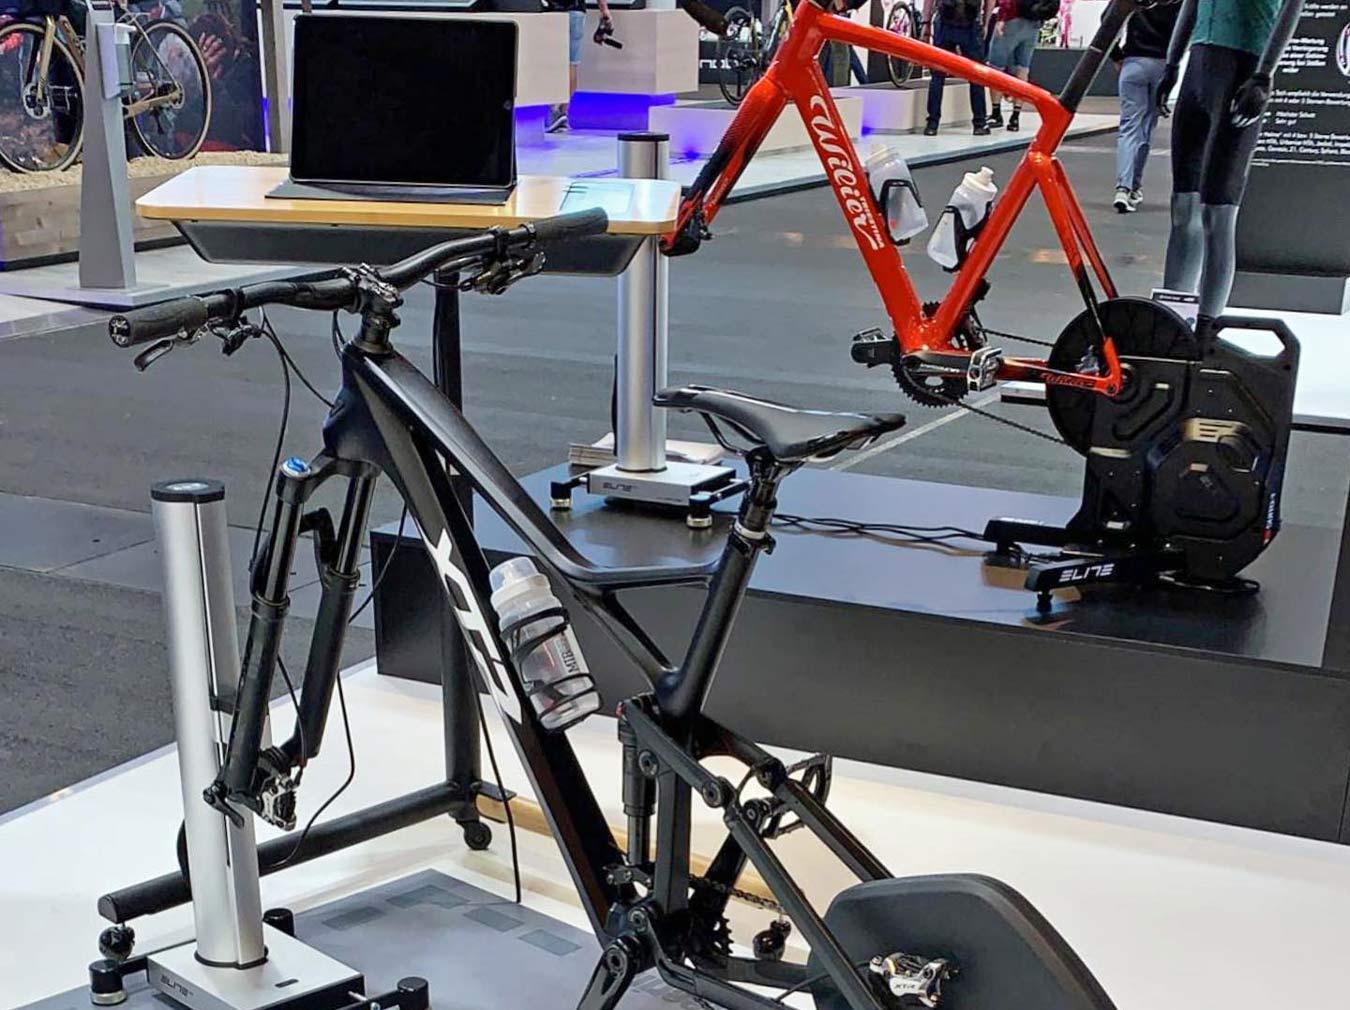 Elite Training Desk multi-purpose indoor training gadget table, Eurobike